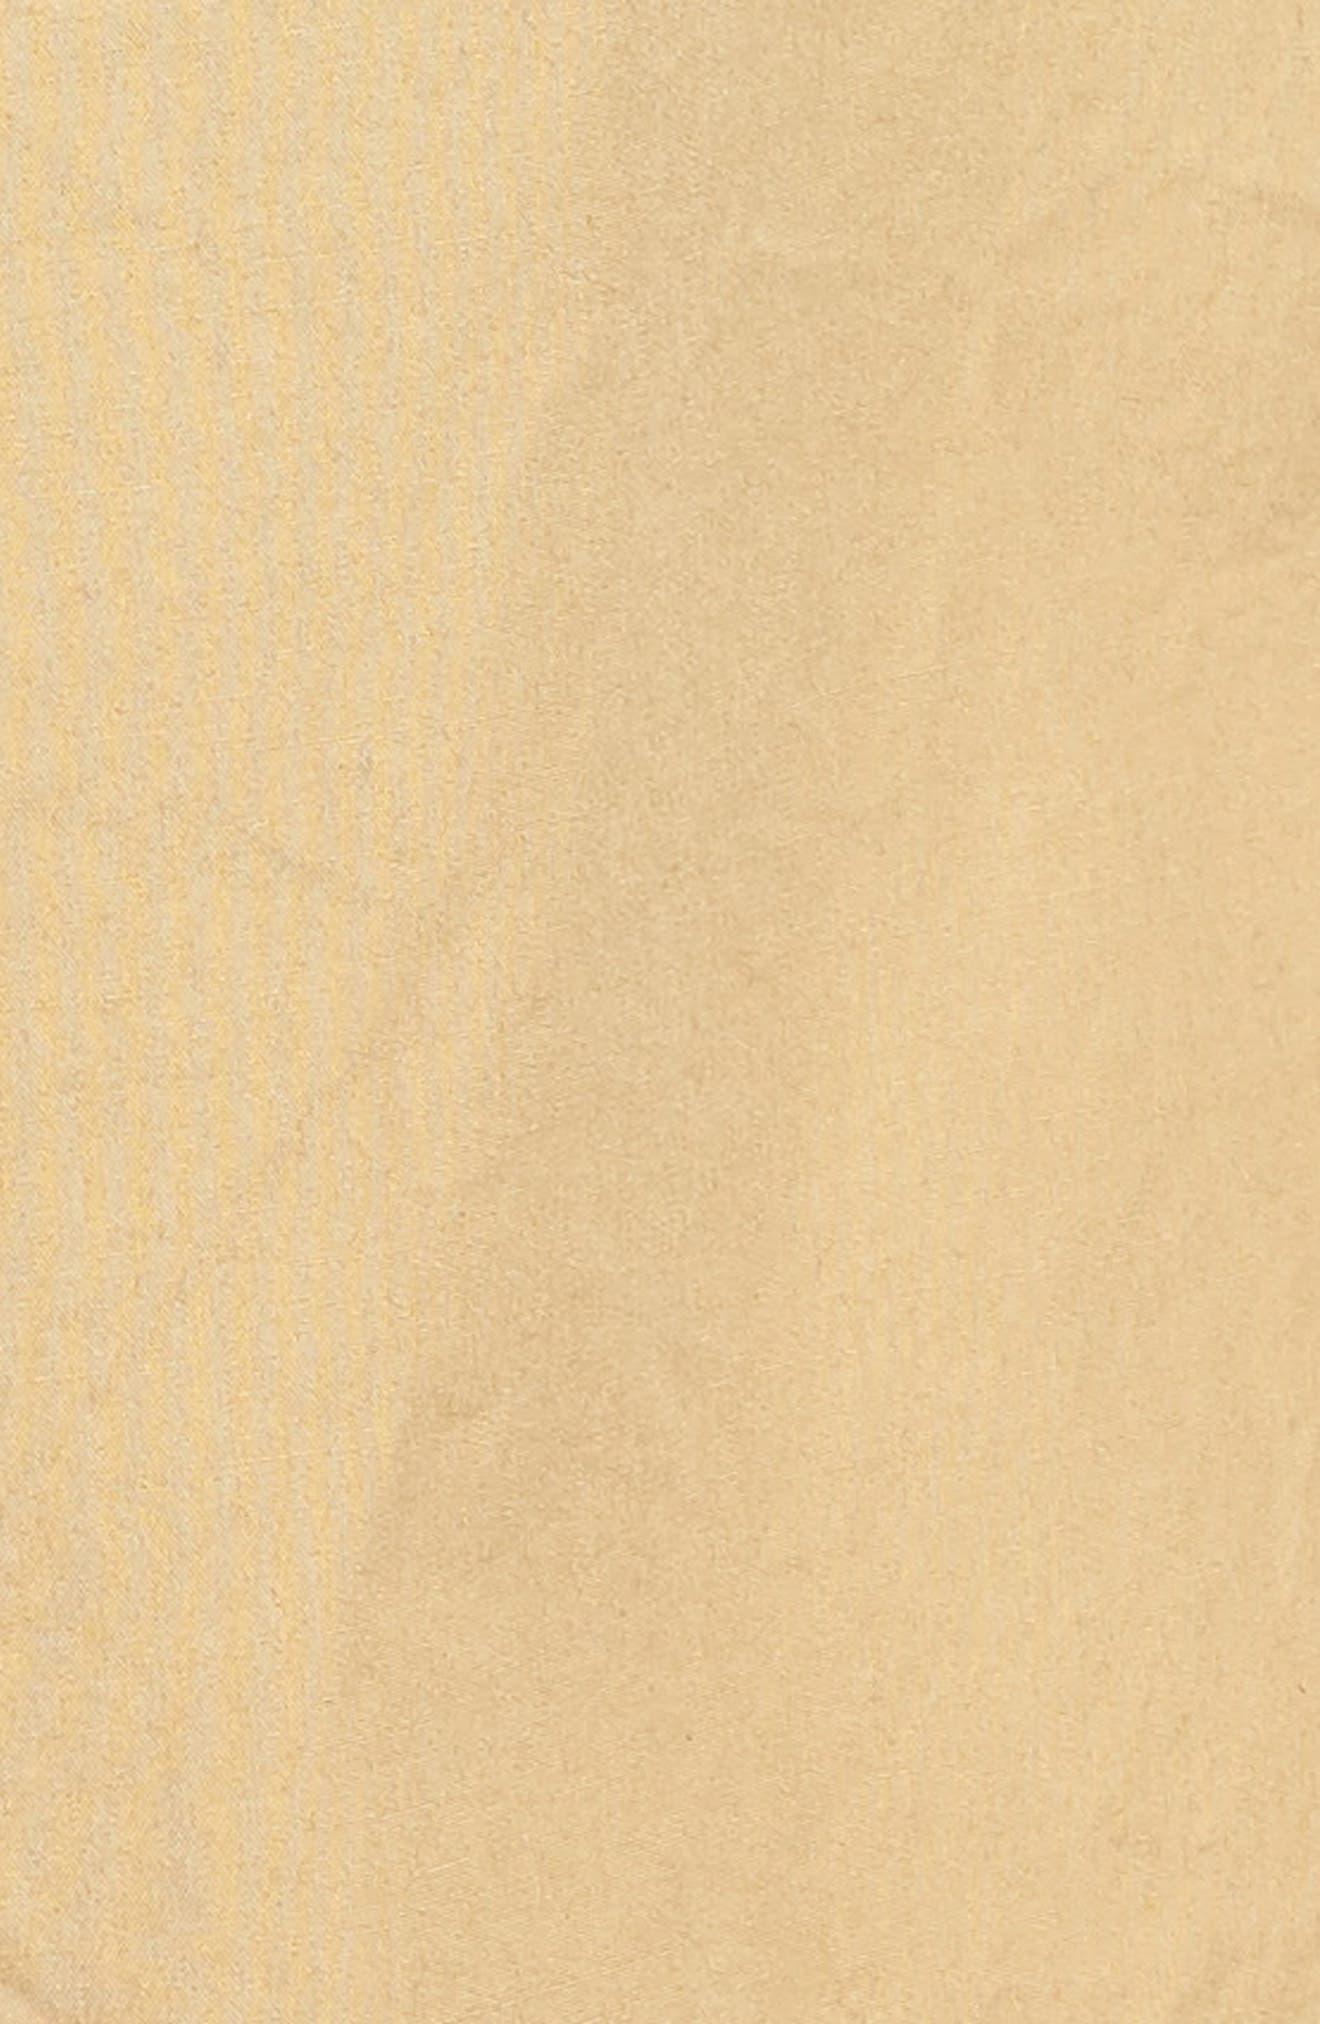 Everett Shorts,                             Alternate thumbnail 5, color,                             260